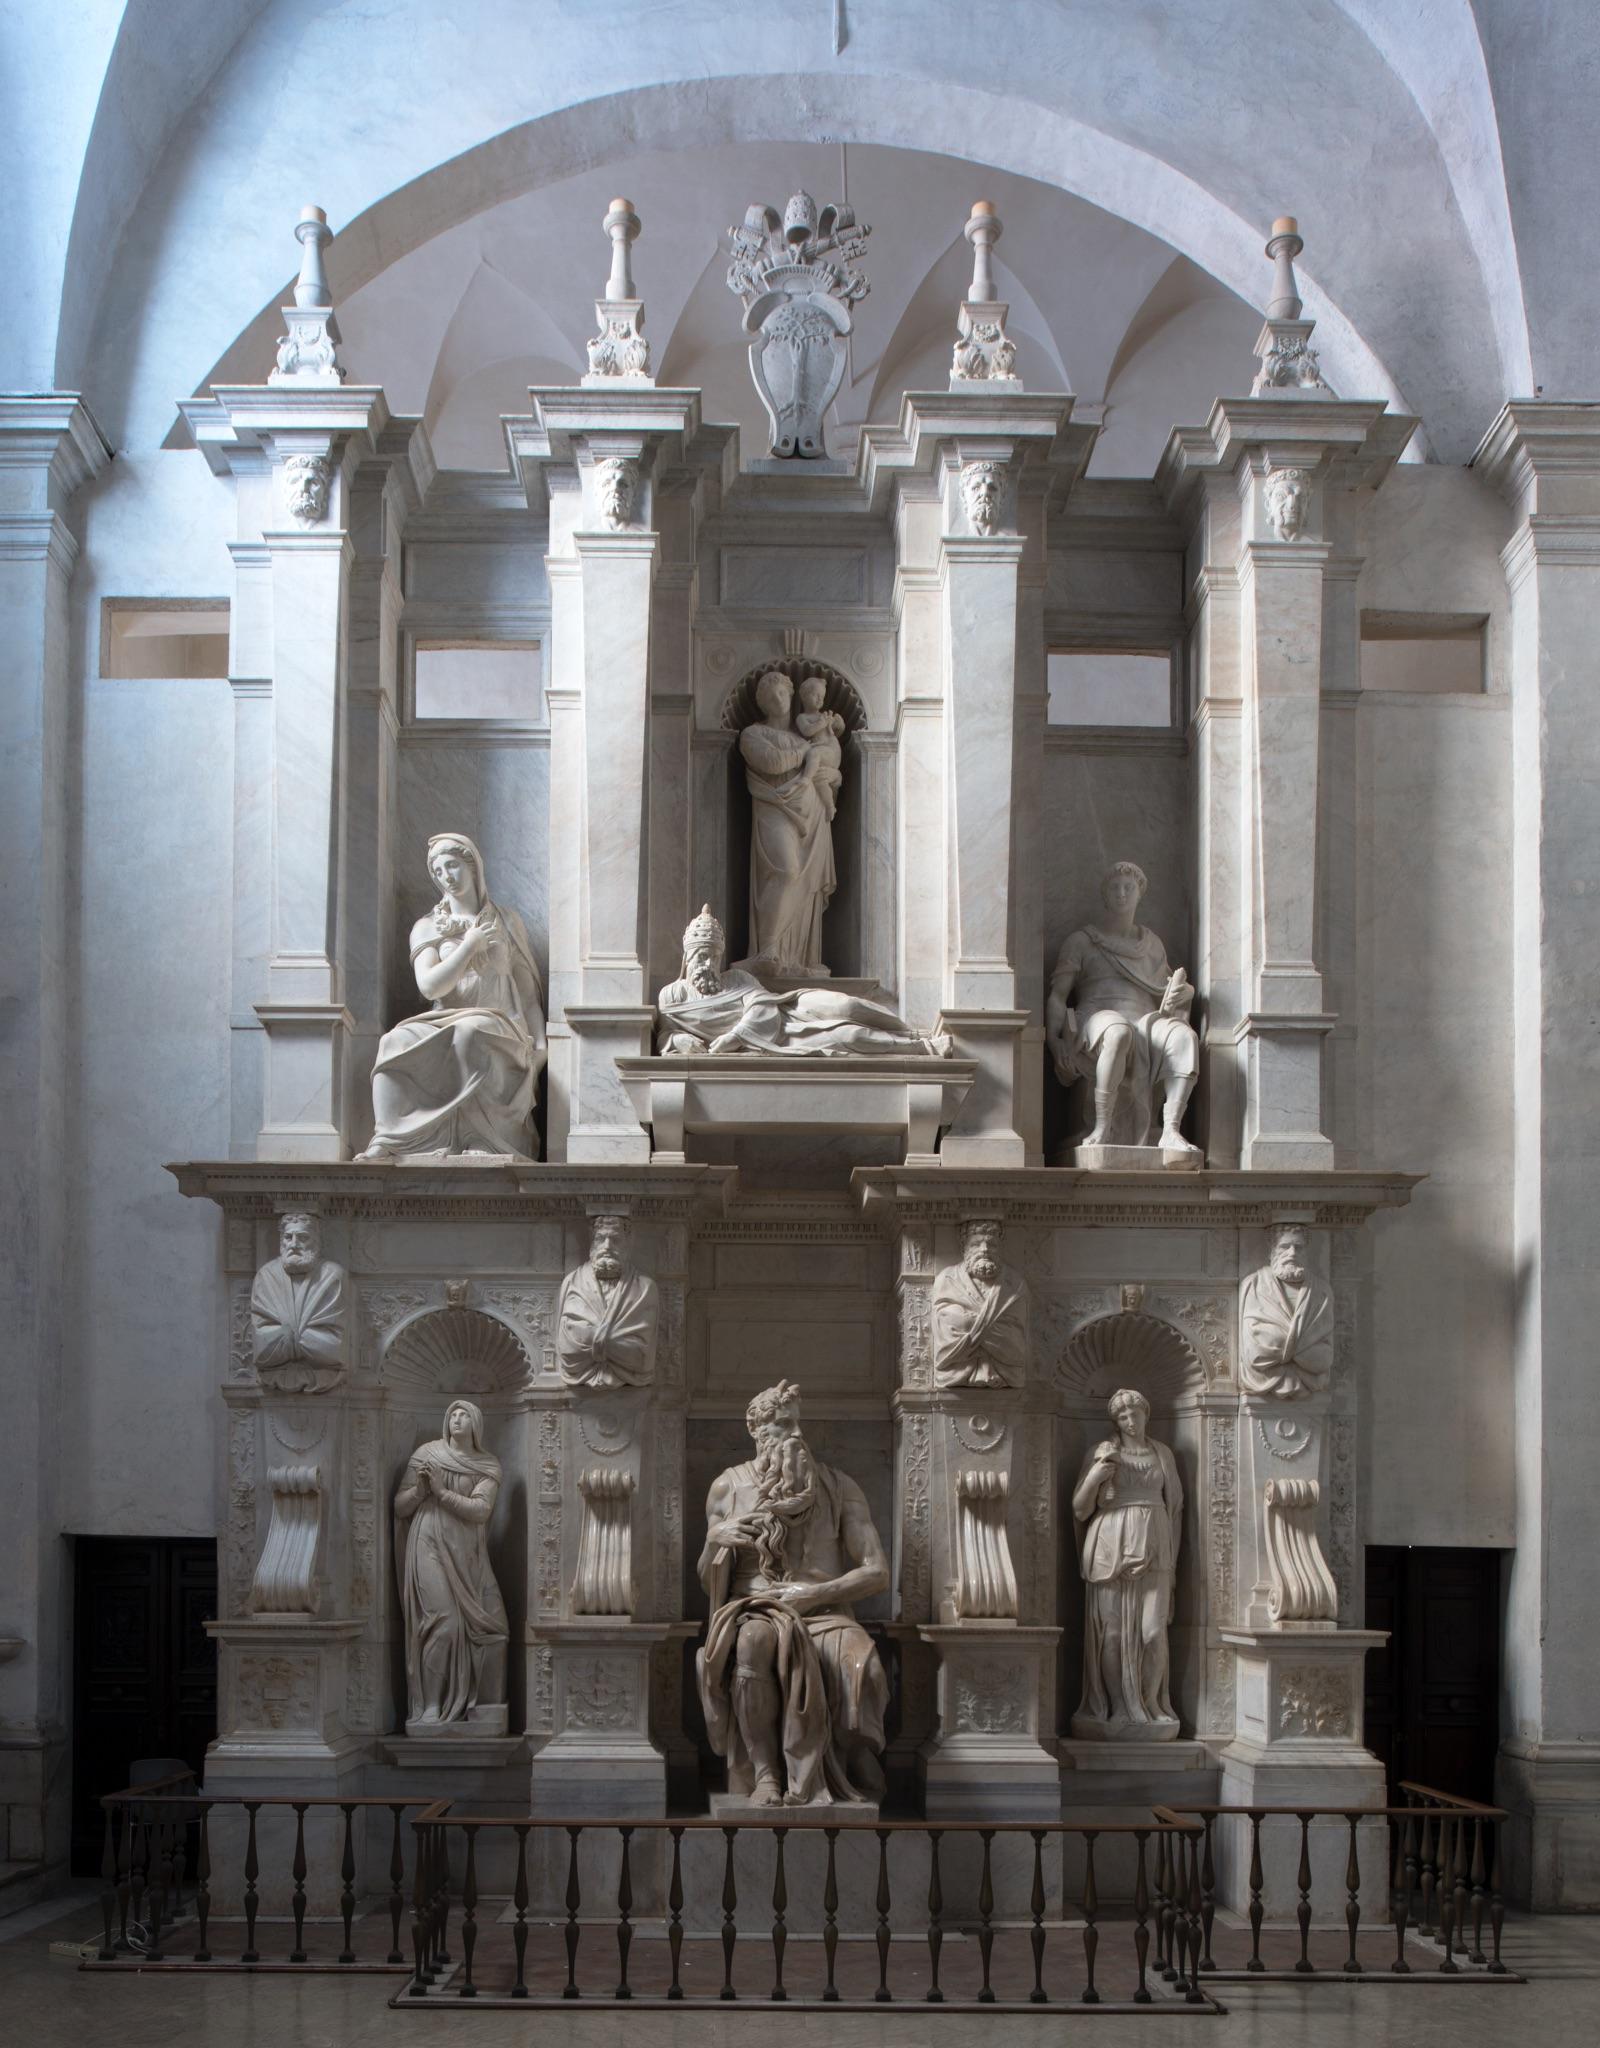 Michelangelo Buonarroti, Tomba di Giulio II, Mosè, 1513 c.a, marmo, basilica di San Pietro in Vincoli, Roma. Credits Andrea Jemolo 2016